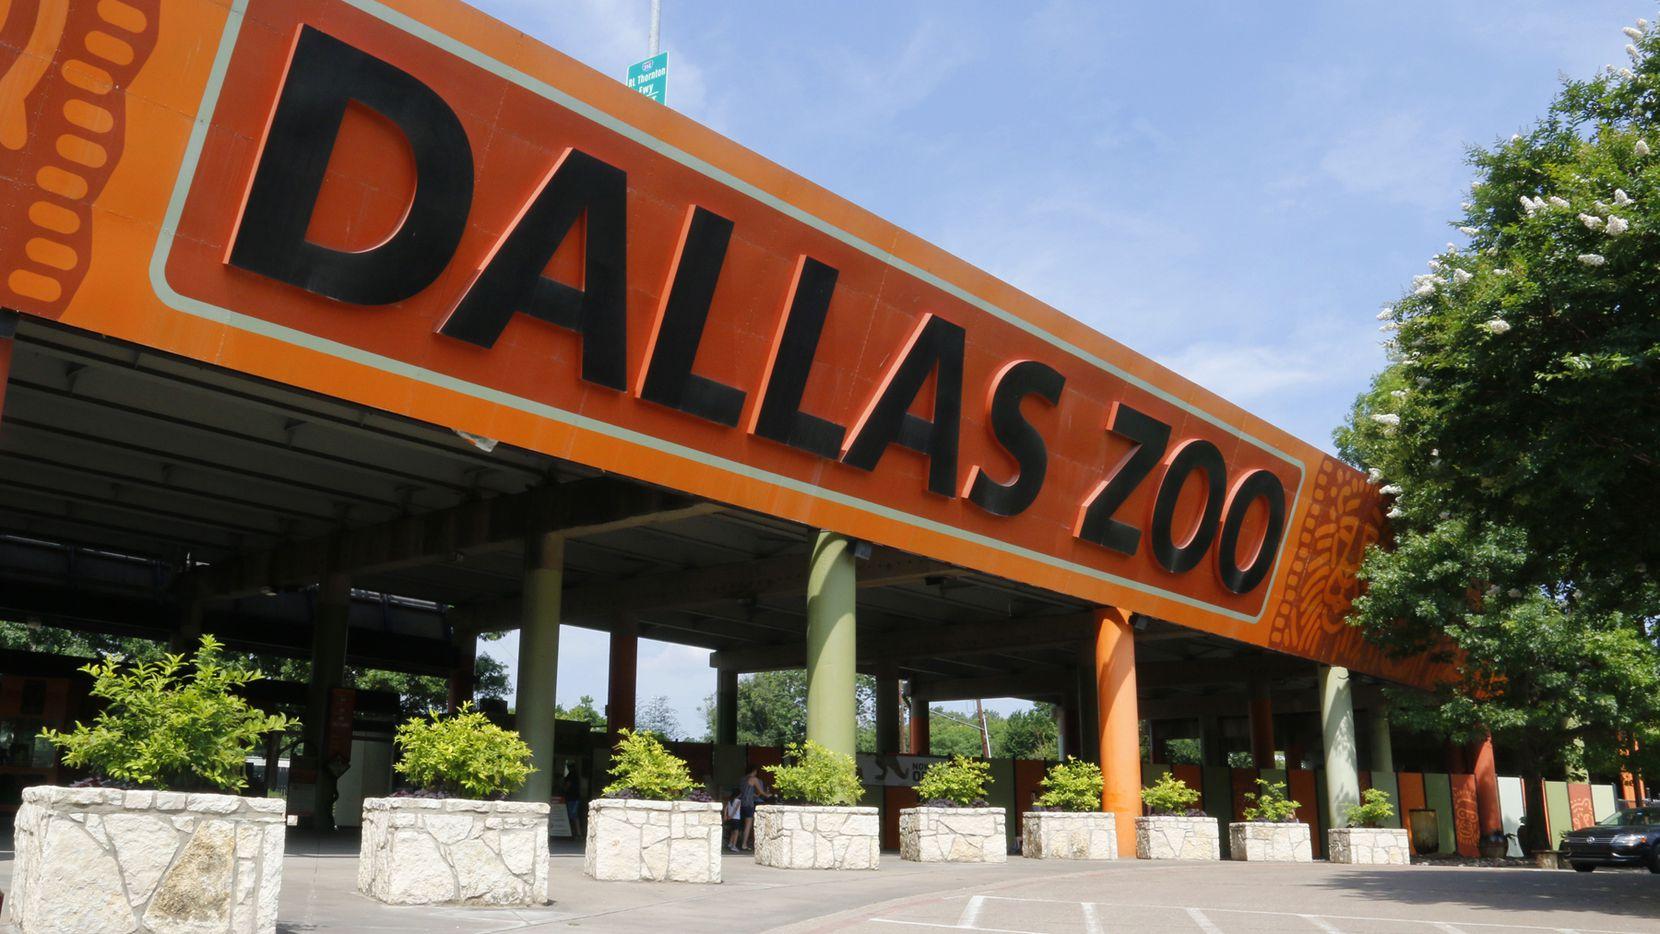 El zoológico de Dallas presenta una serie de conciertos en Safari Nights durante el verano. Foto Dallas Zoo